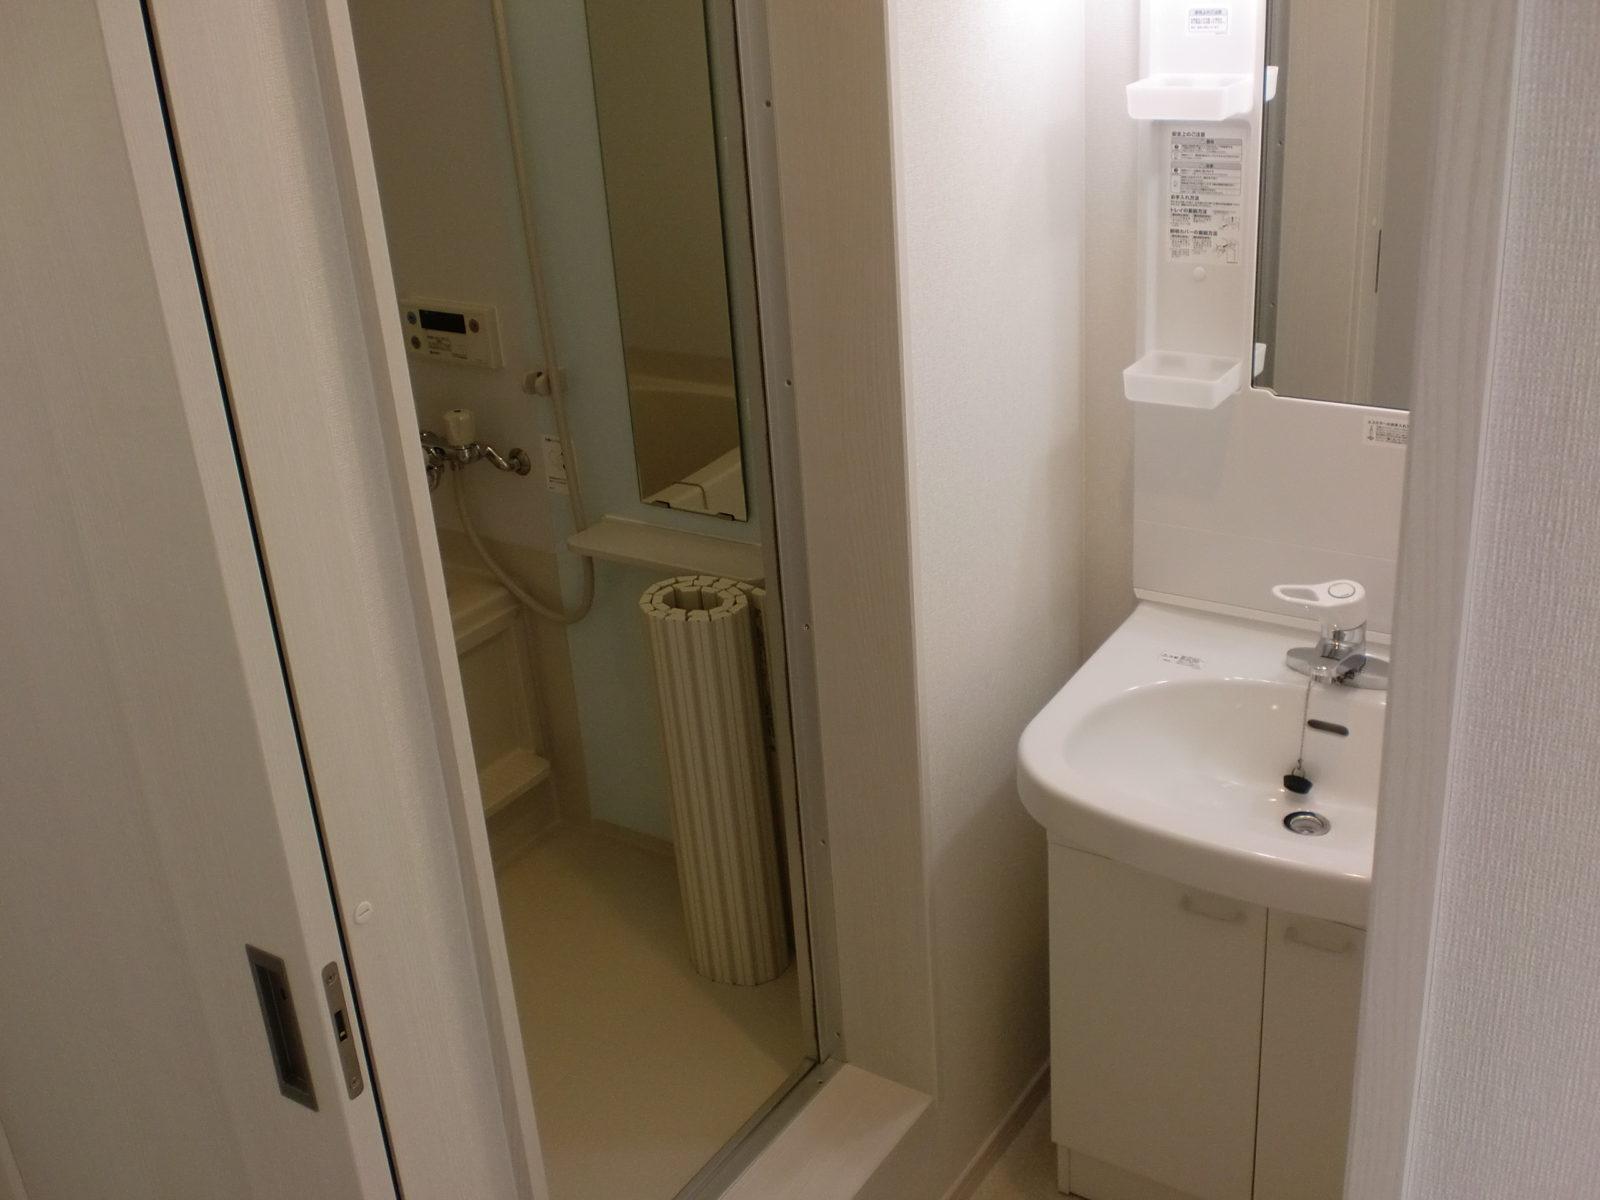 共同住宅:洗面所・バスルーム